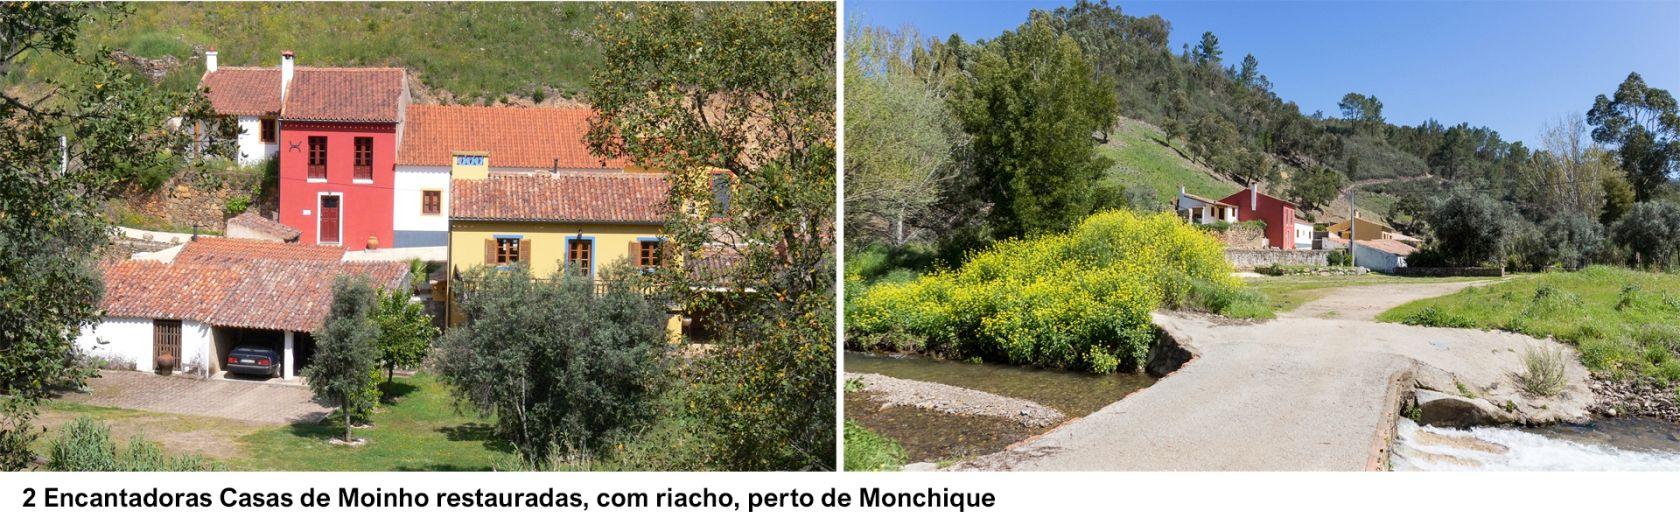 LG1082 - 2 Encantadoras Casas de Moinho restauradas, com riacho, perto de Monchique